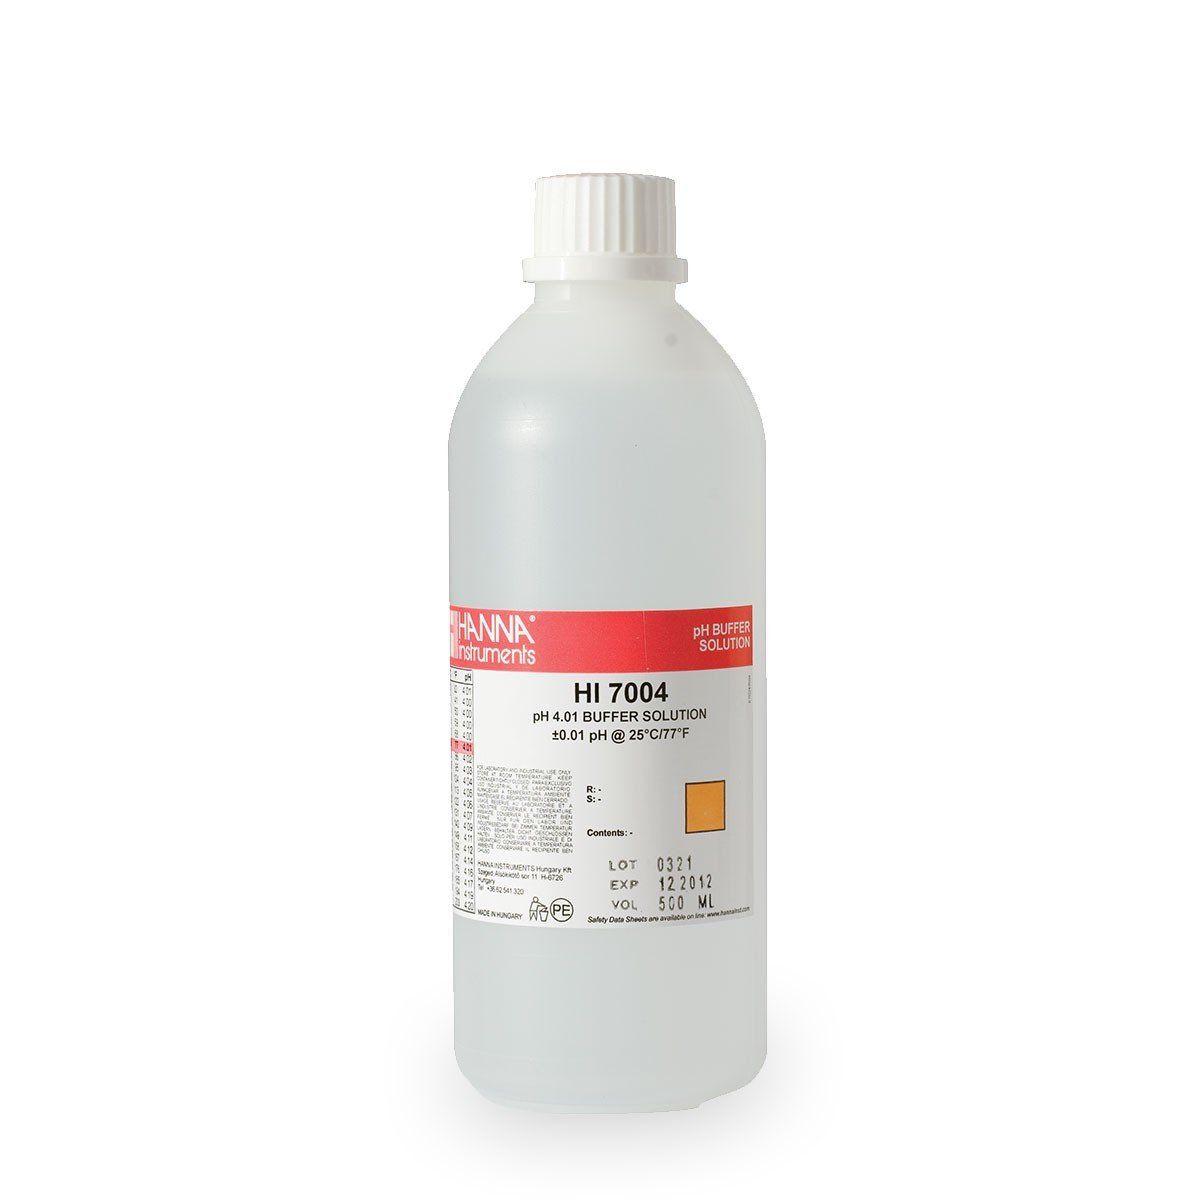 Solução de Calibração pH 4.01 com Certificado de Análise - Frasco 500 ml Hanna